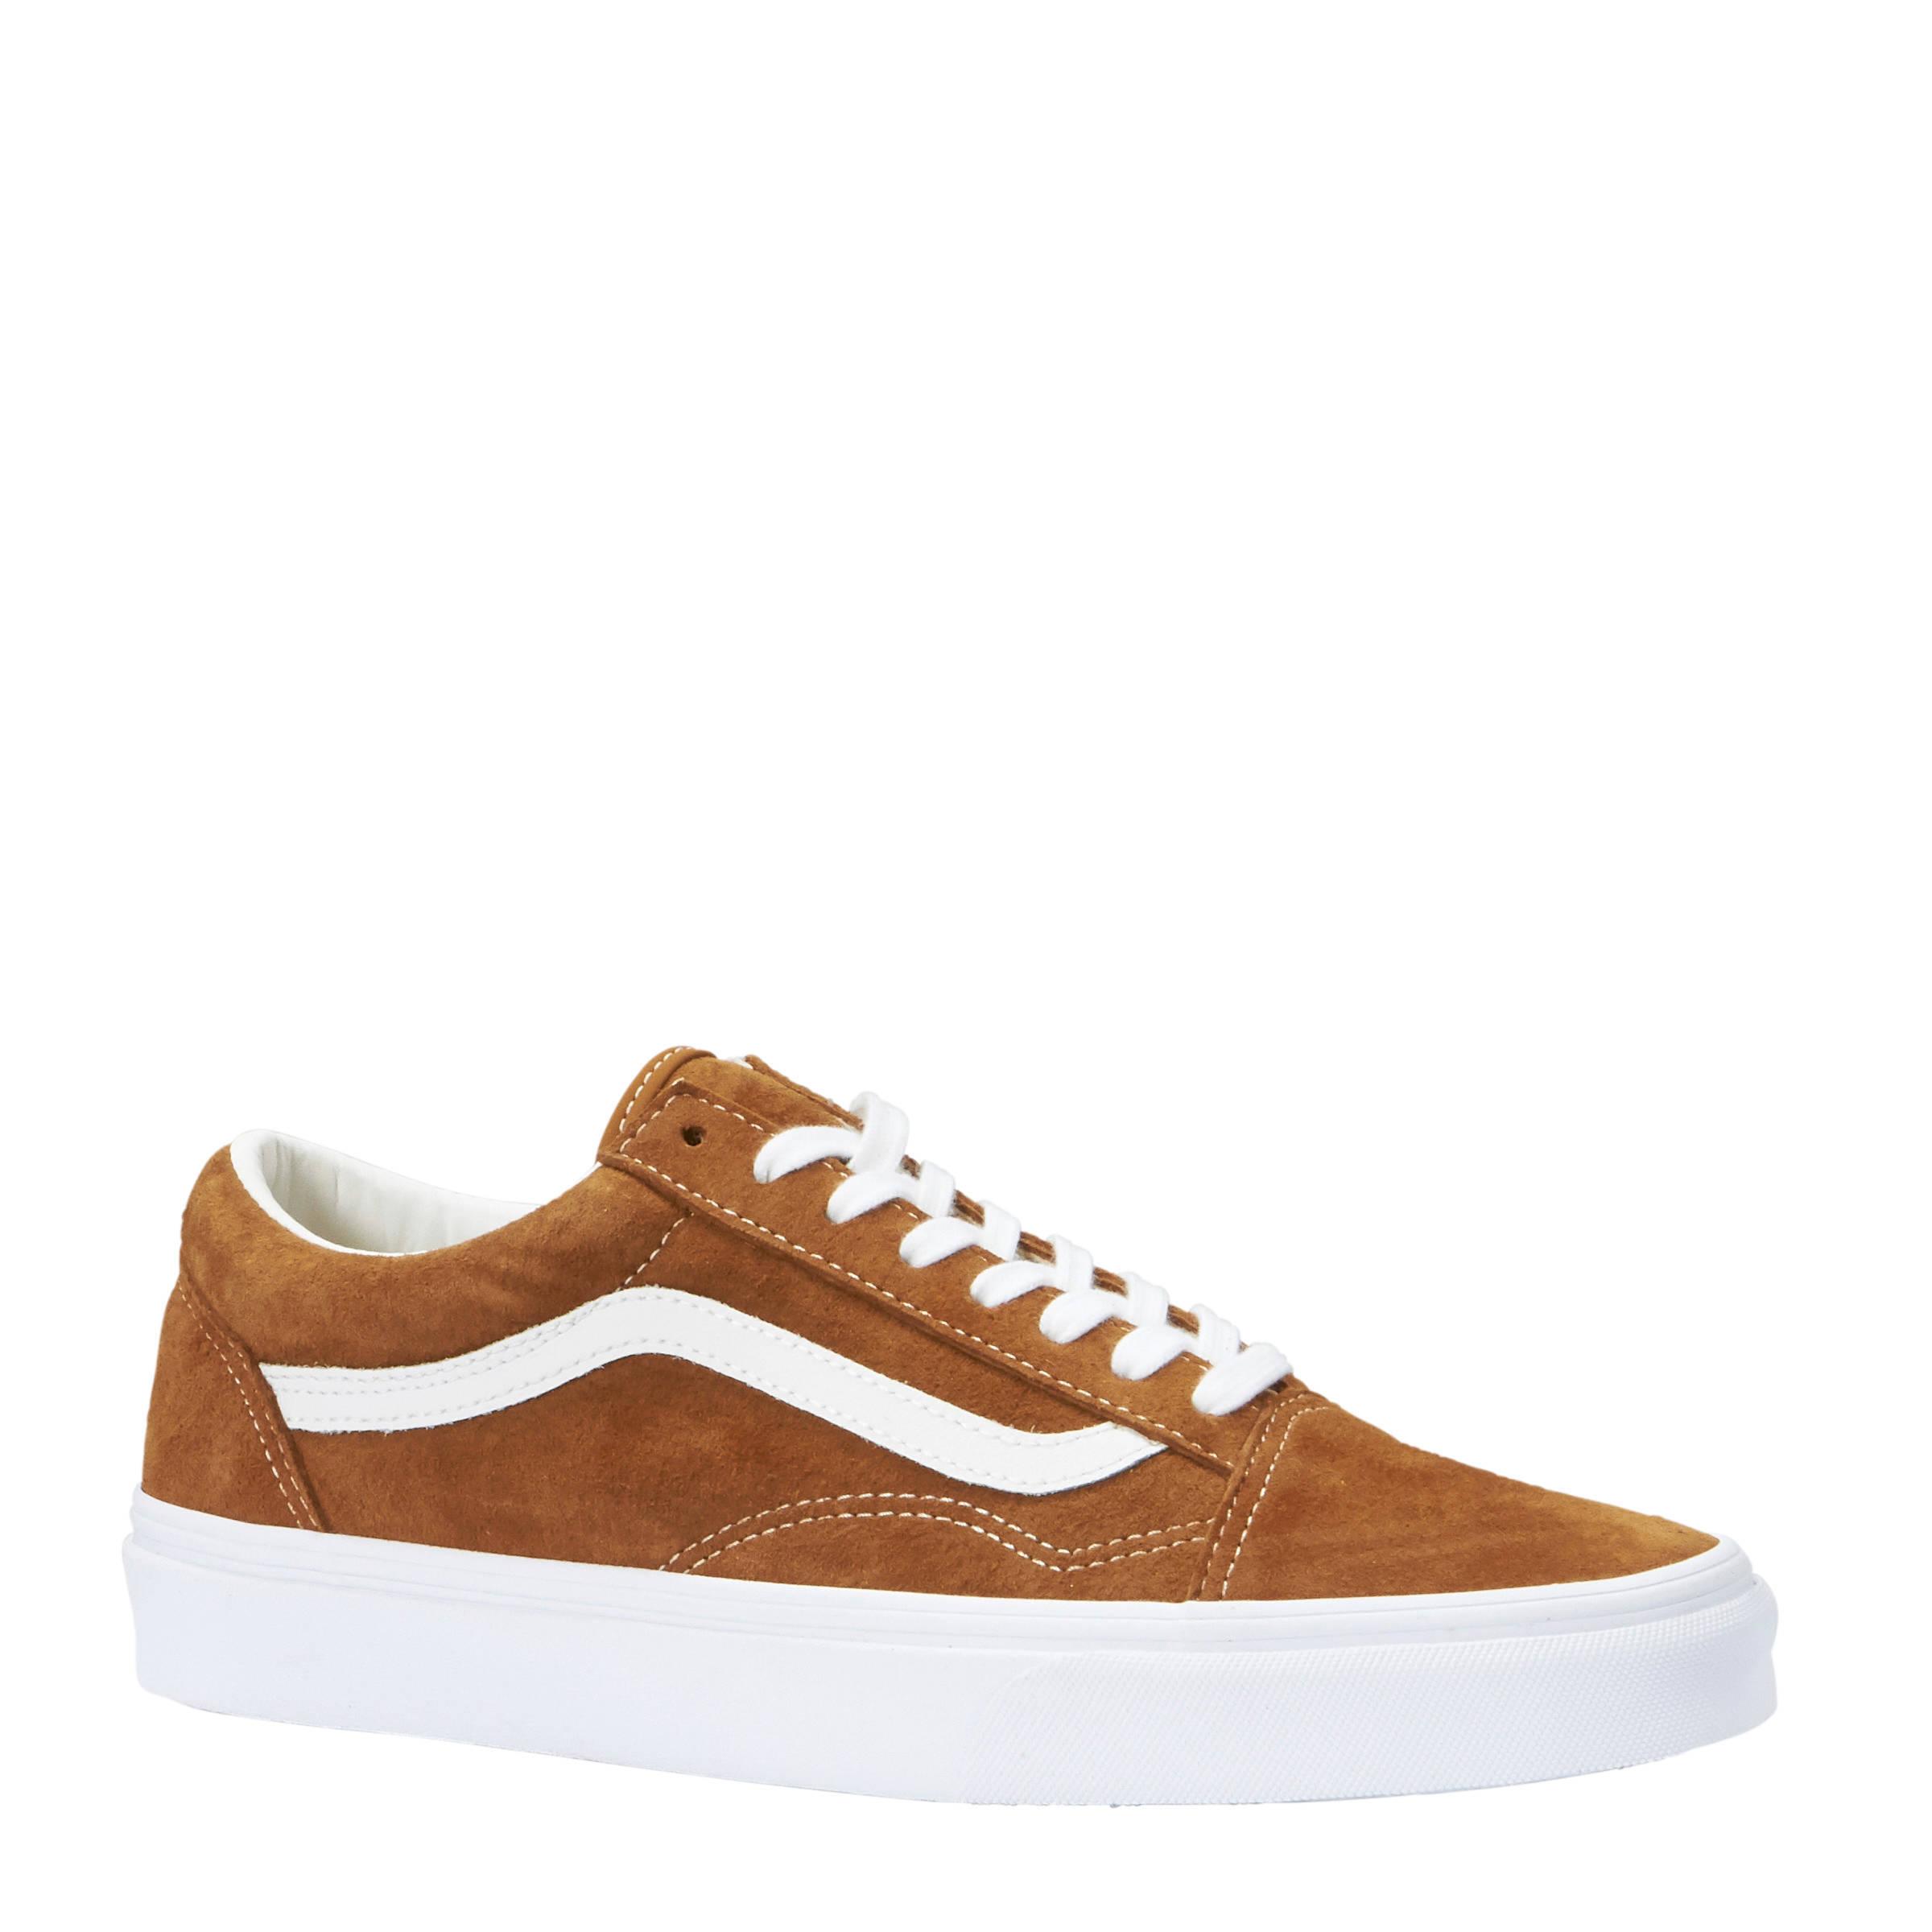 VANS Old Skool suède sneakers kakibruin   wehkamp